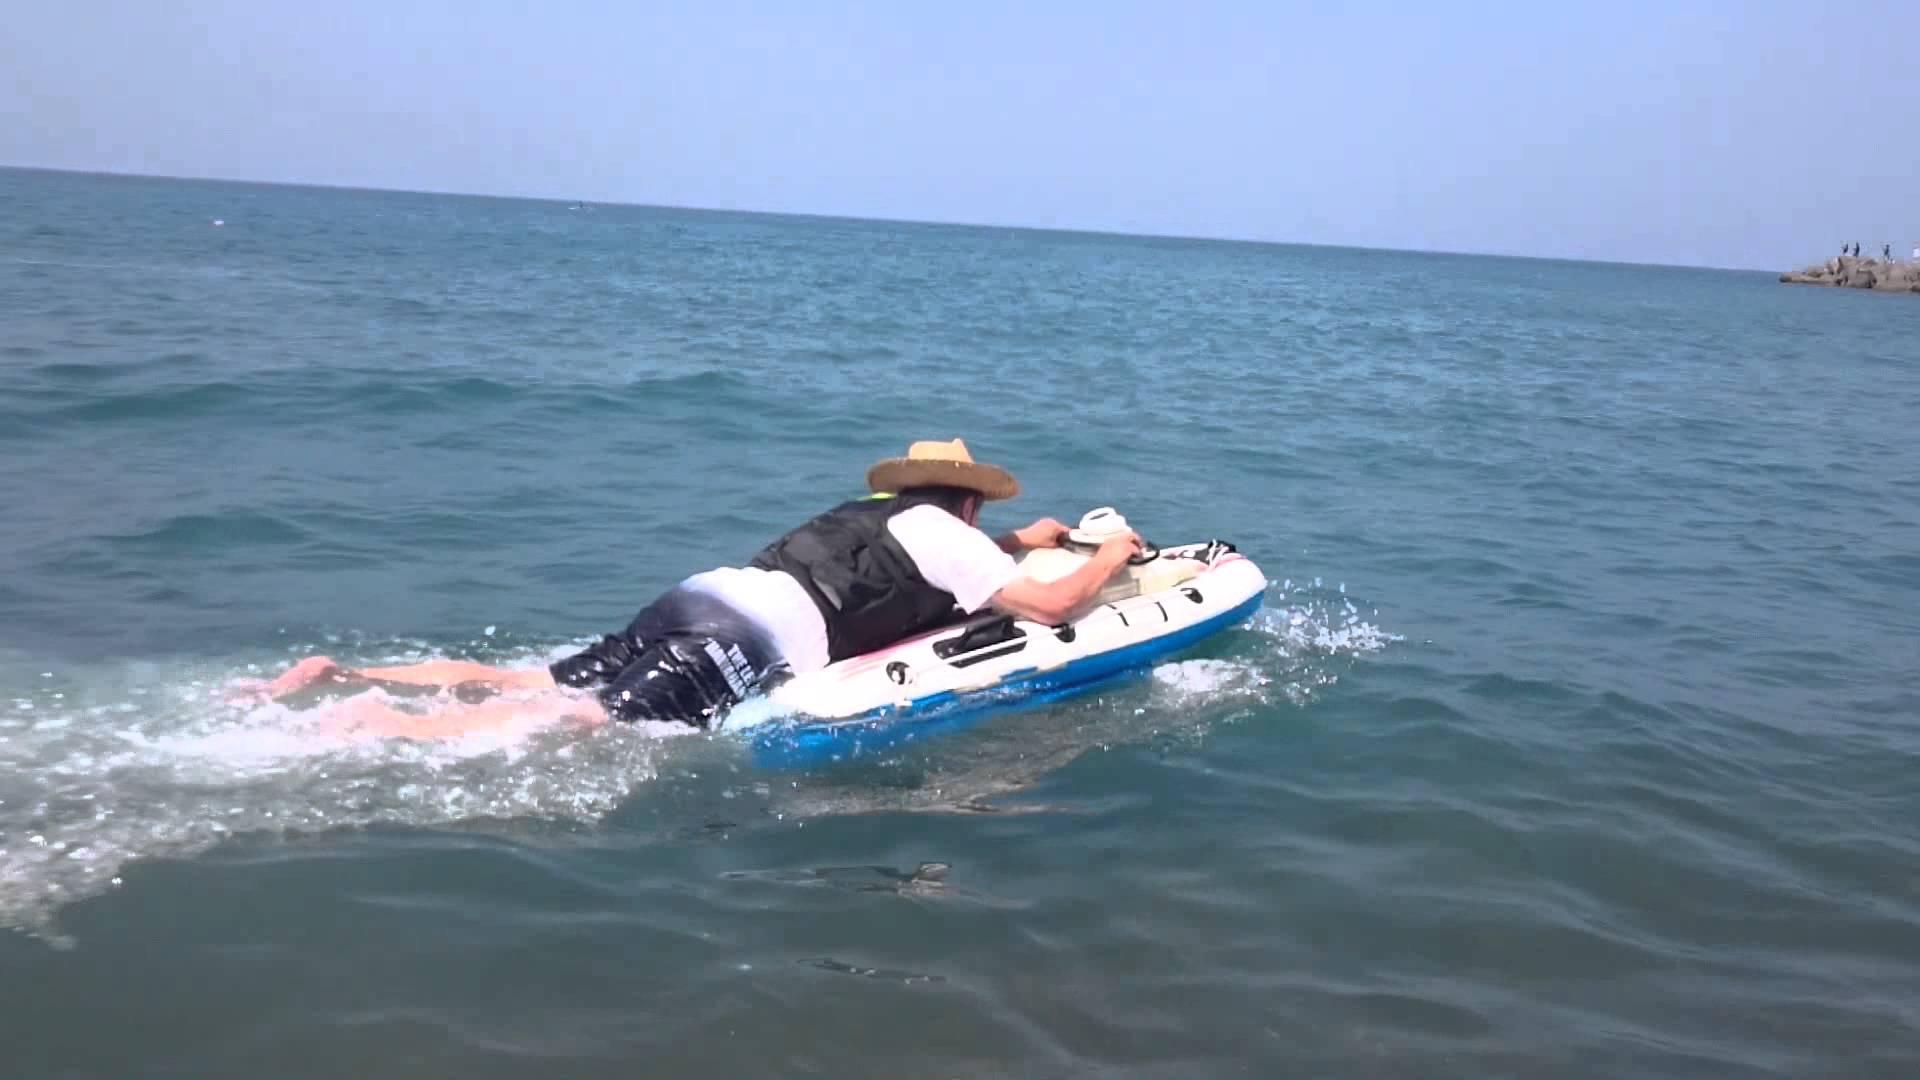 ボートが沈まないように必死でこぎ続ける庶民の姿